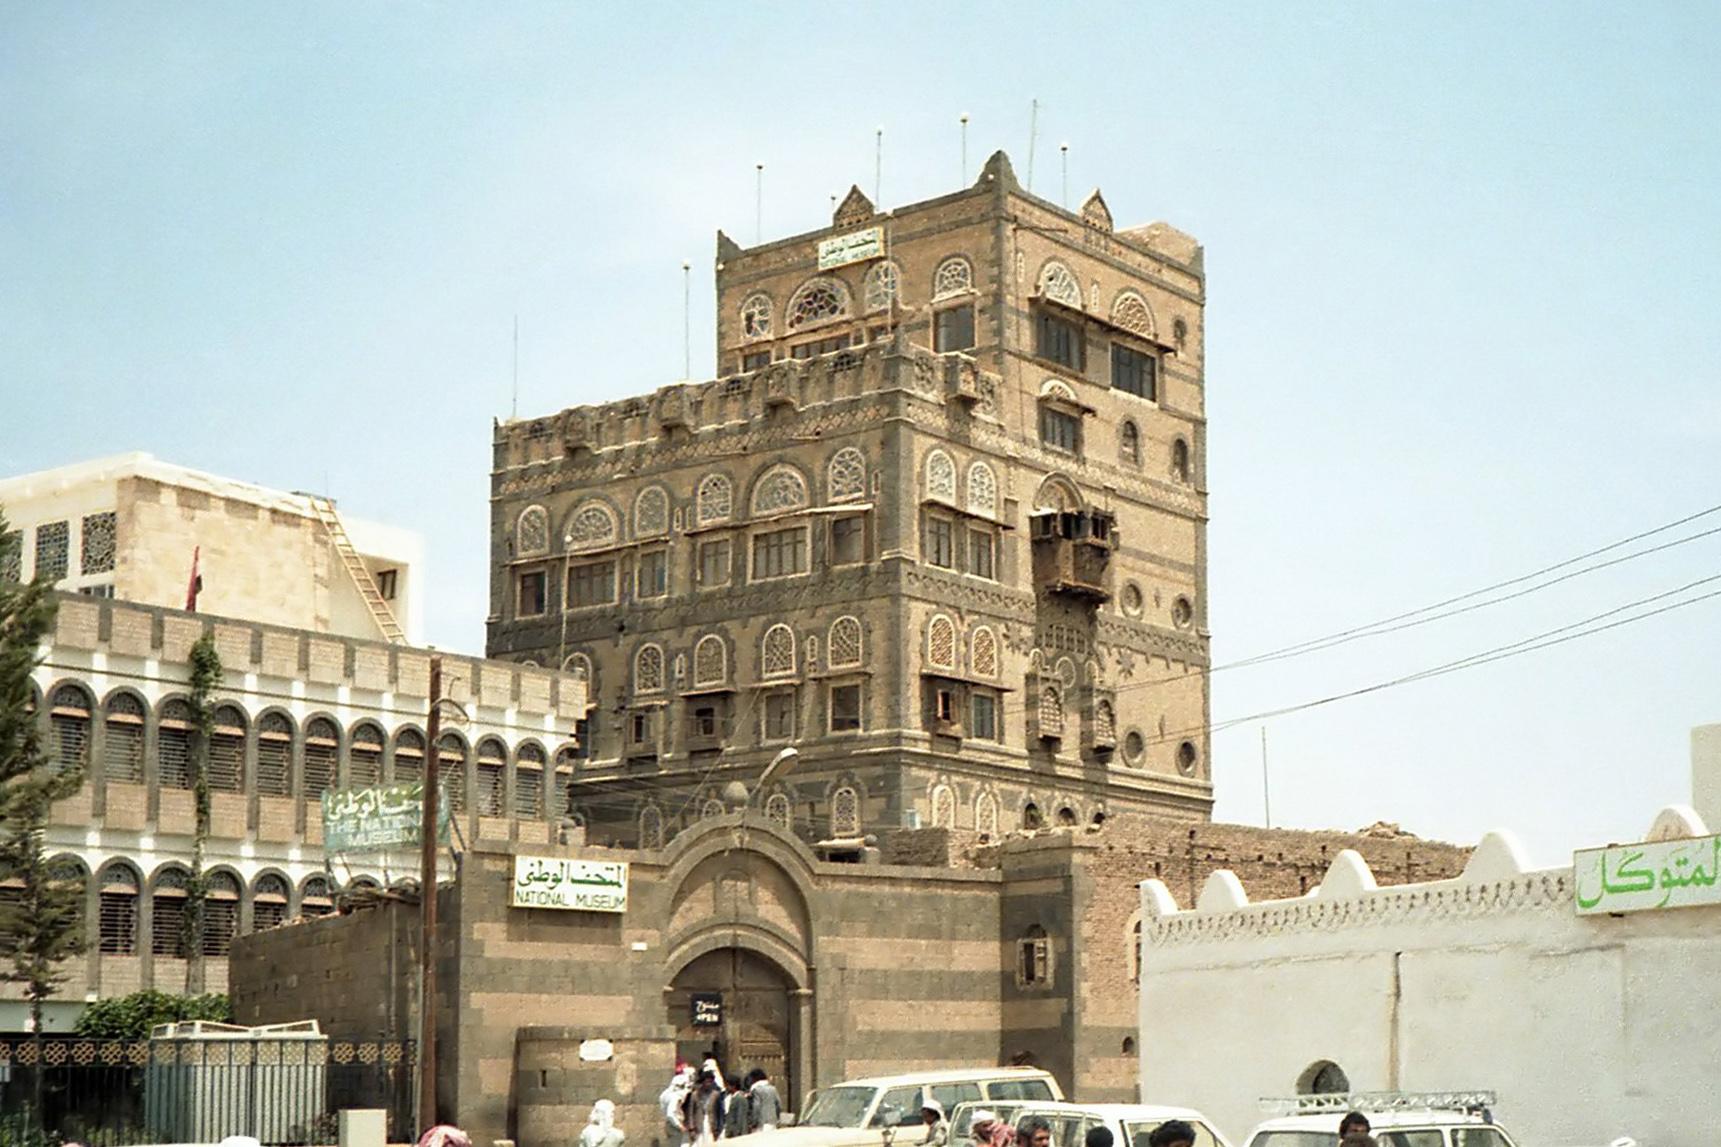 التعريف باليمن كبلد سياحي المعلومات Sana'a_Museum.jpg